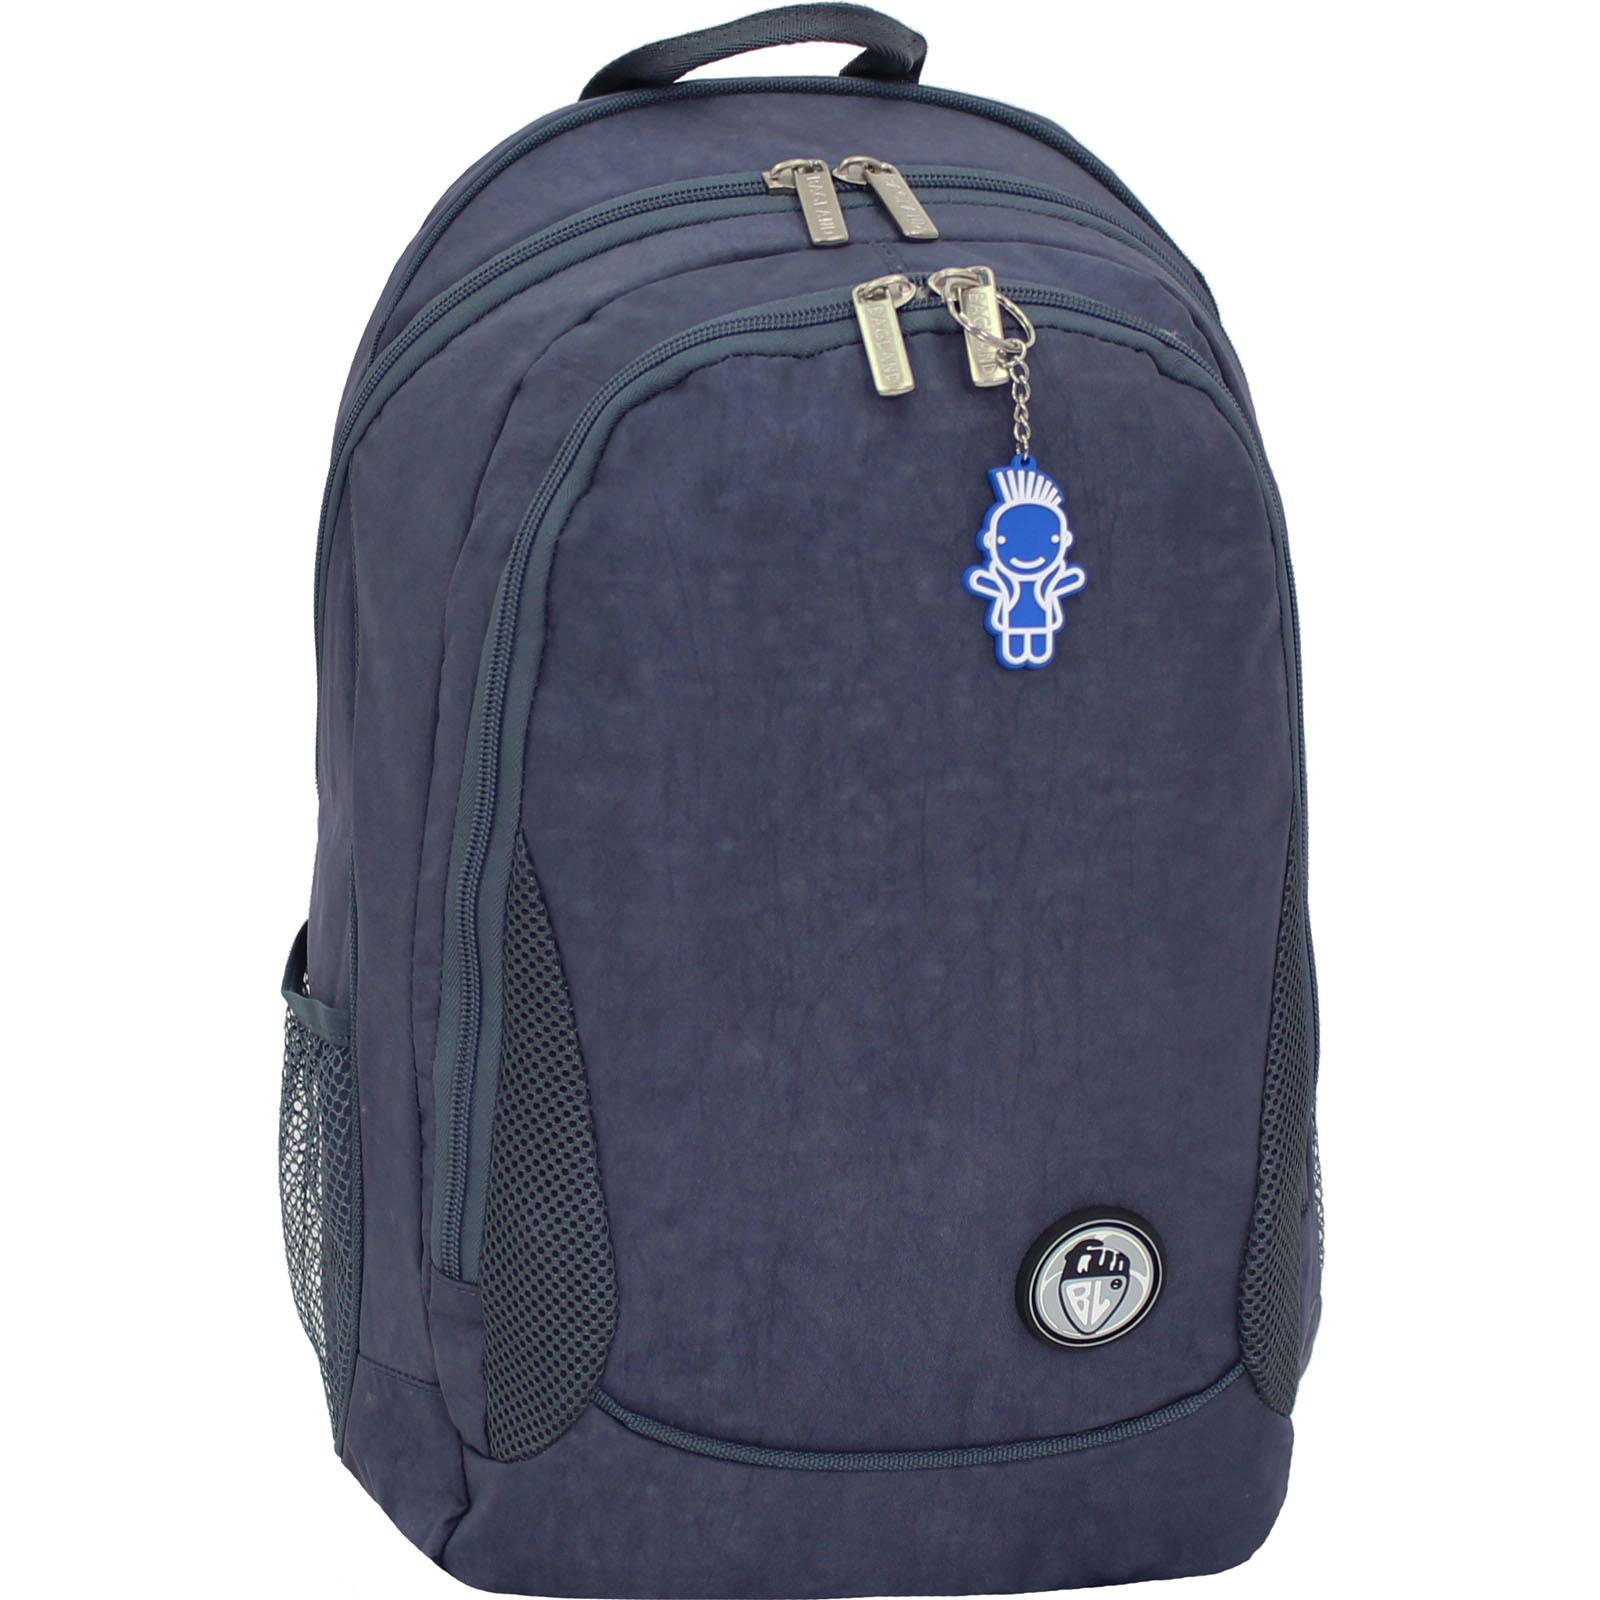 Городские рюкзаки Рюкзак Bagland Ураган 20 л. серый (0057470) IMG_1255.JPG